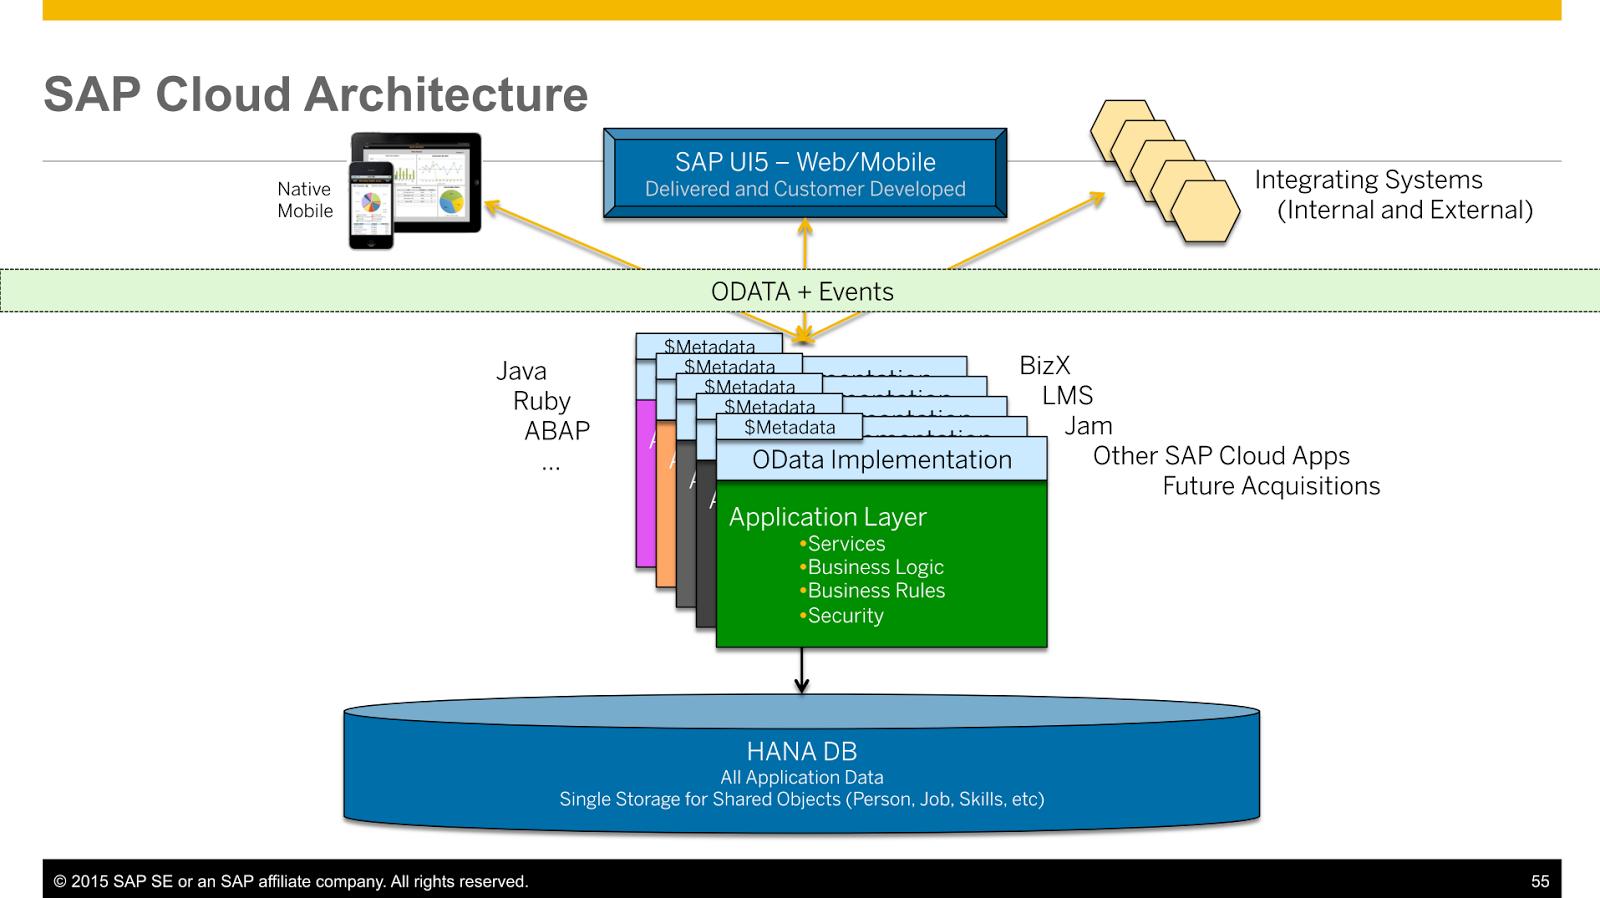 Progress Report - SAP HCM makes progress and consolidates